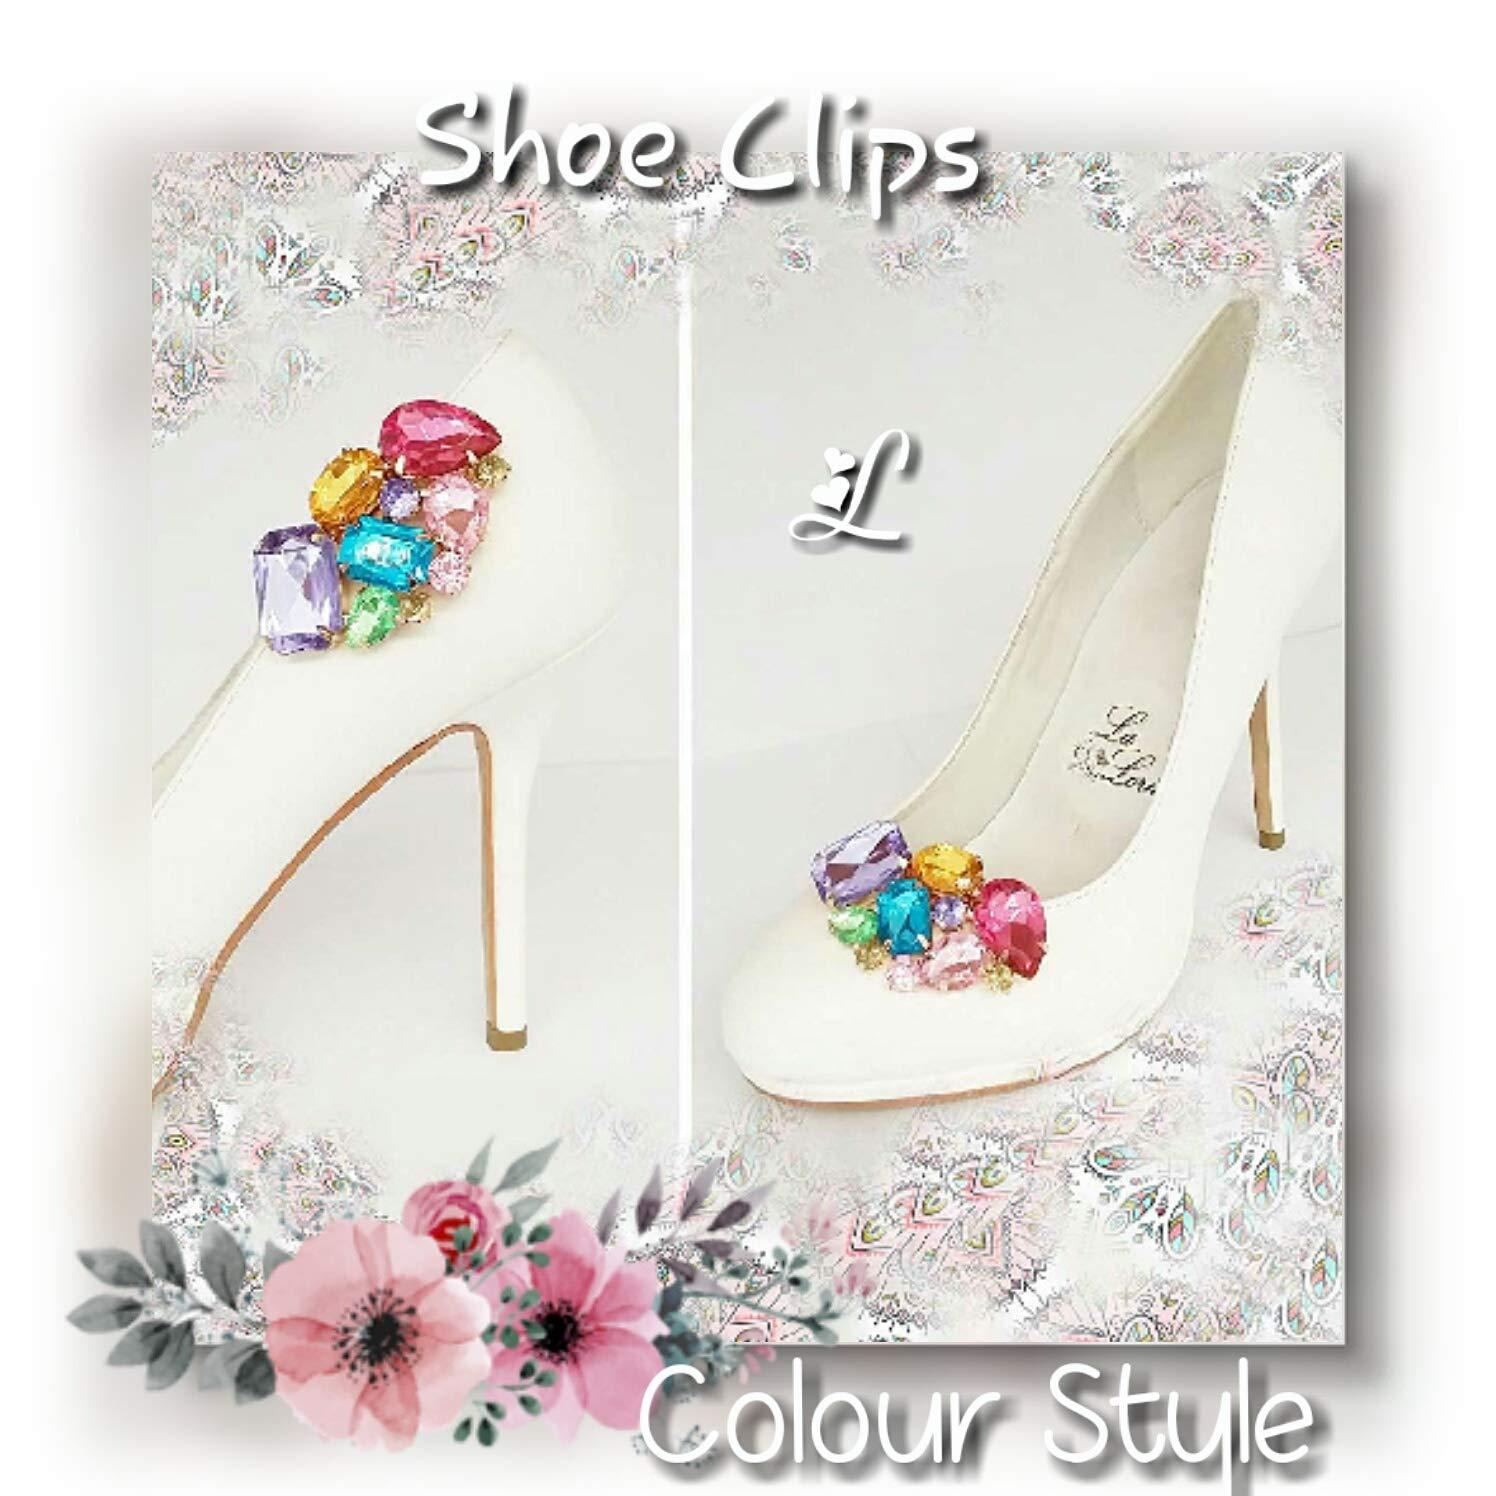 La Loria Mujer Clips de Zapatos Decoraciones Prendedores Adornos para Zapatos Colur Style 1 Par: Amazon.es: Zapatos y complementos